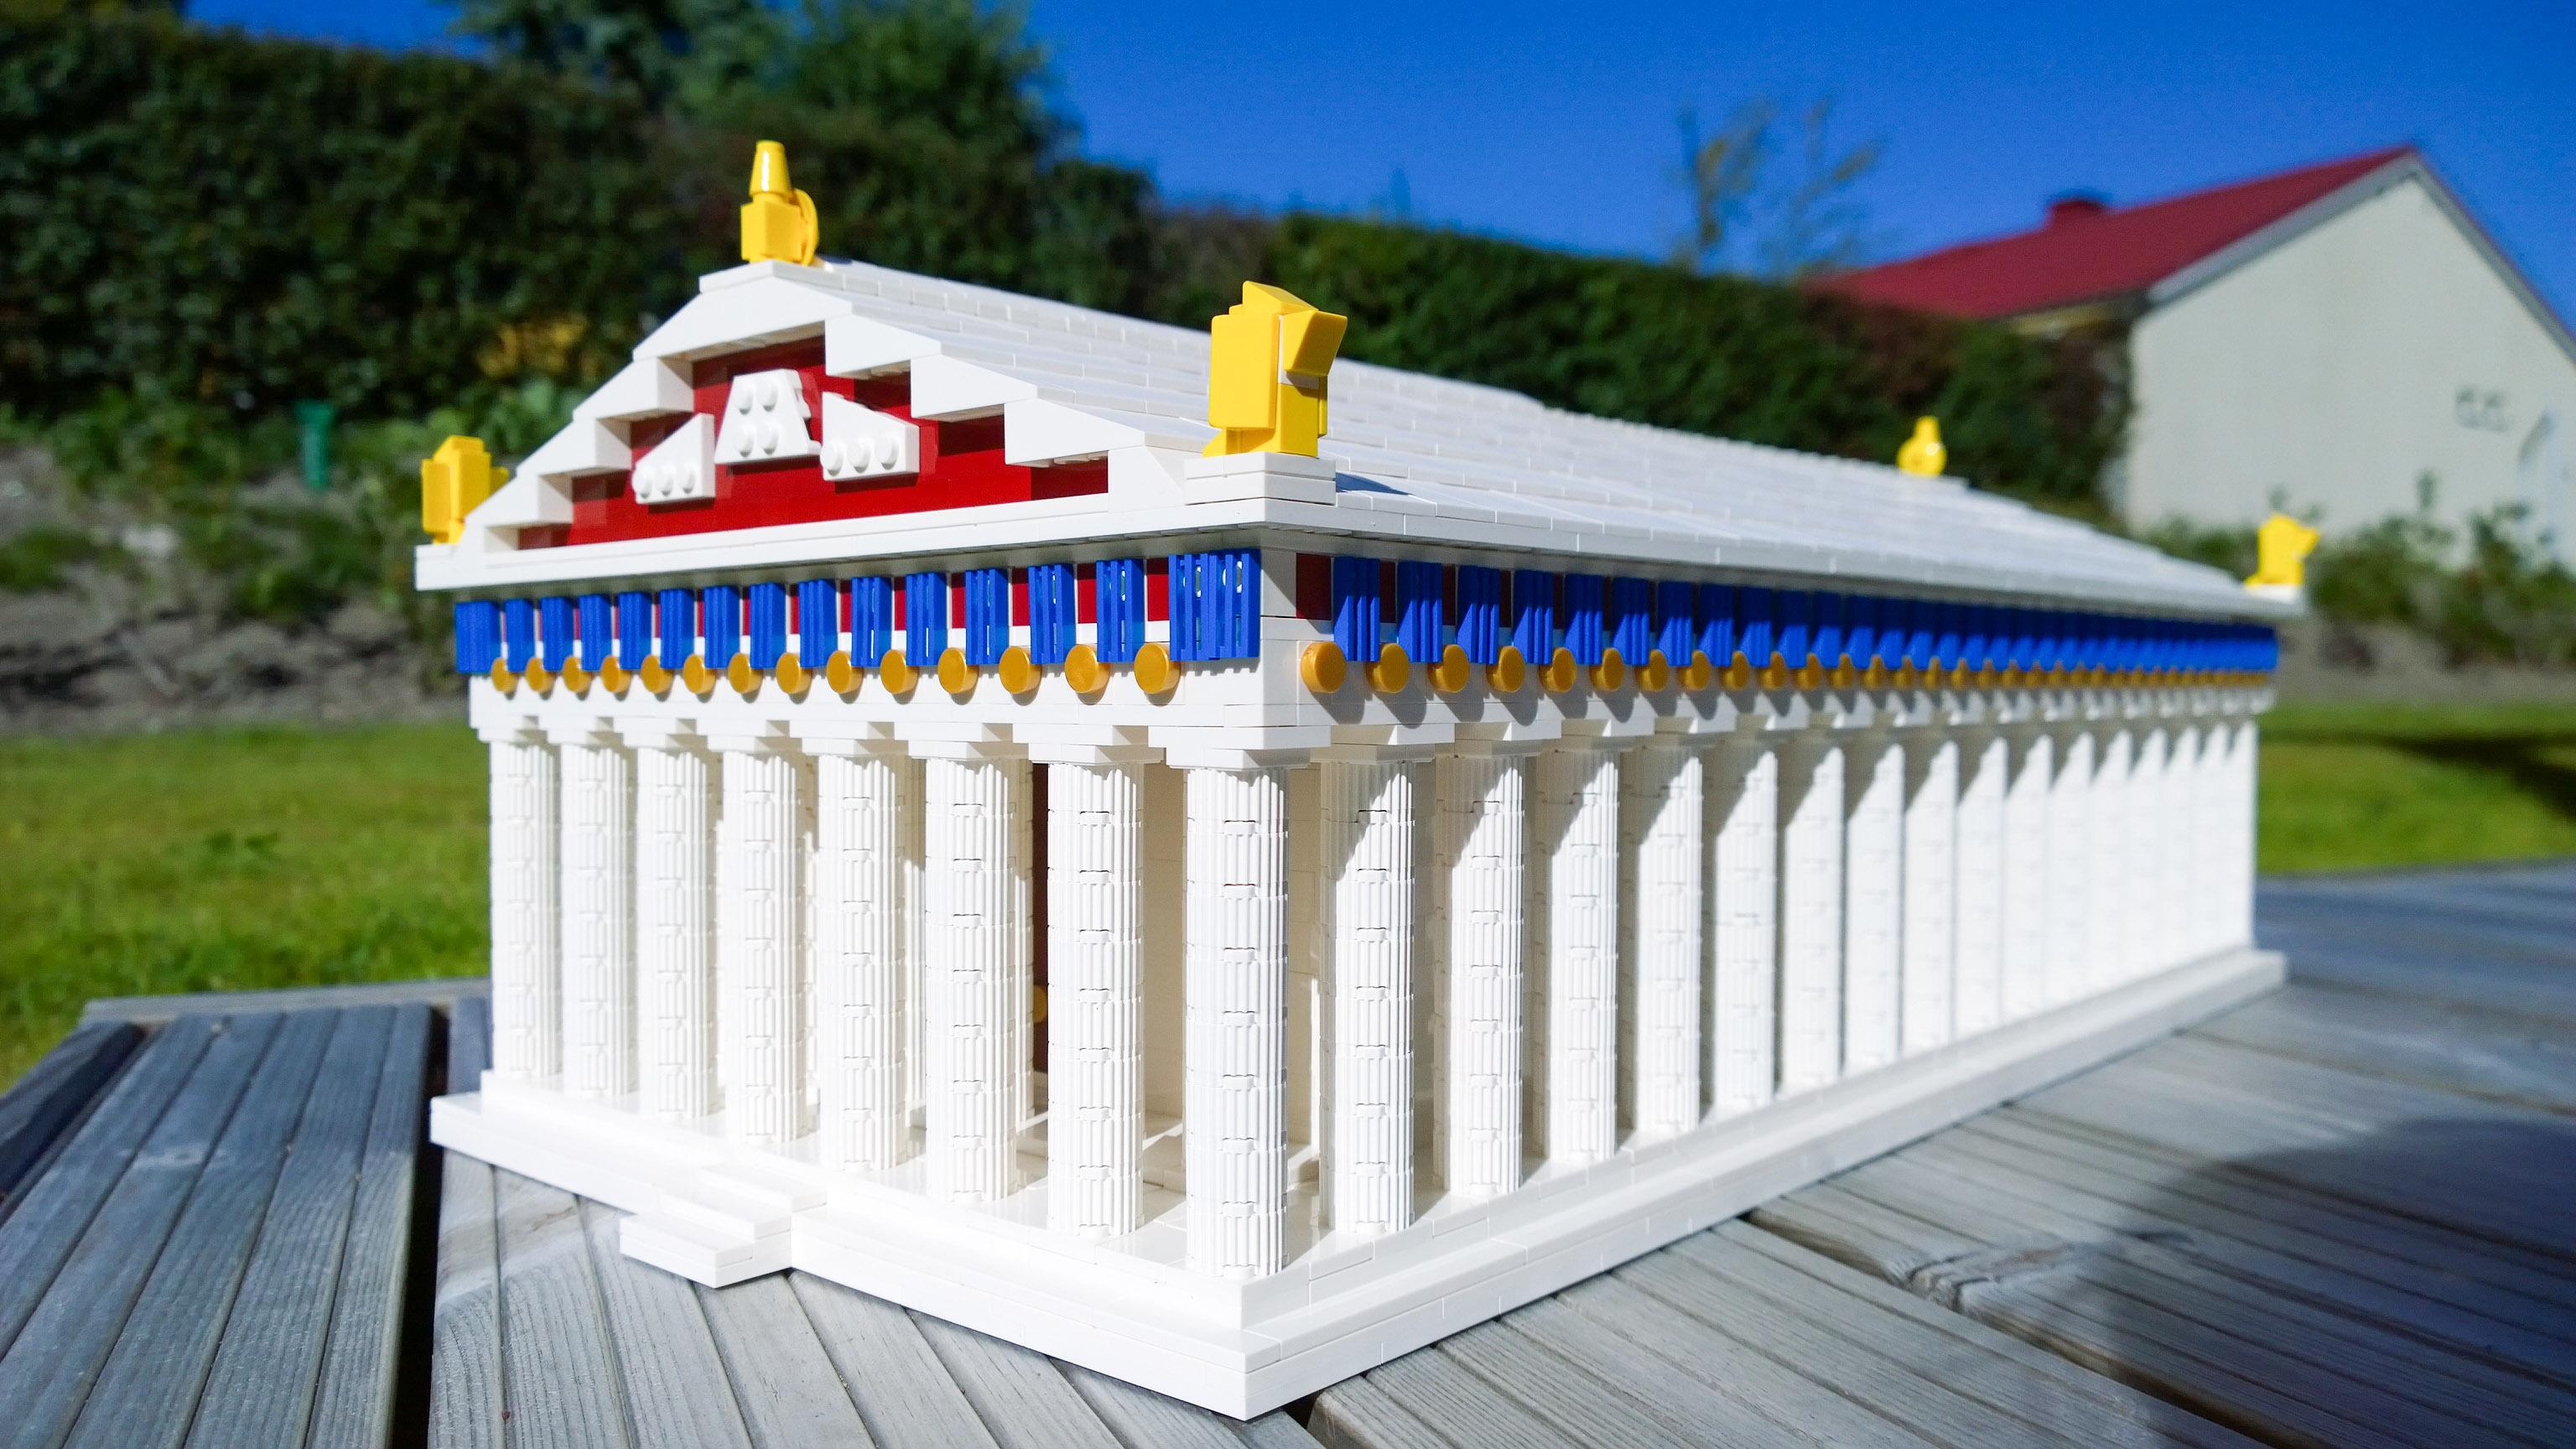 LEGO Parthenon